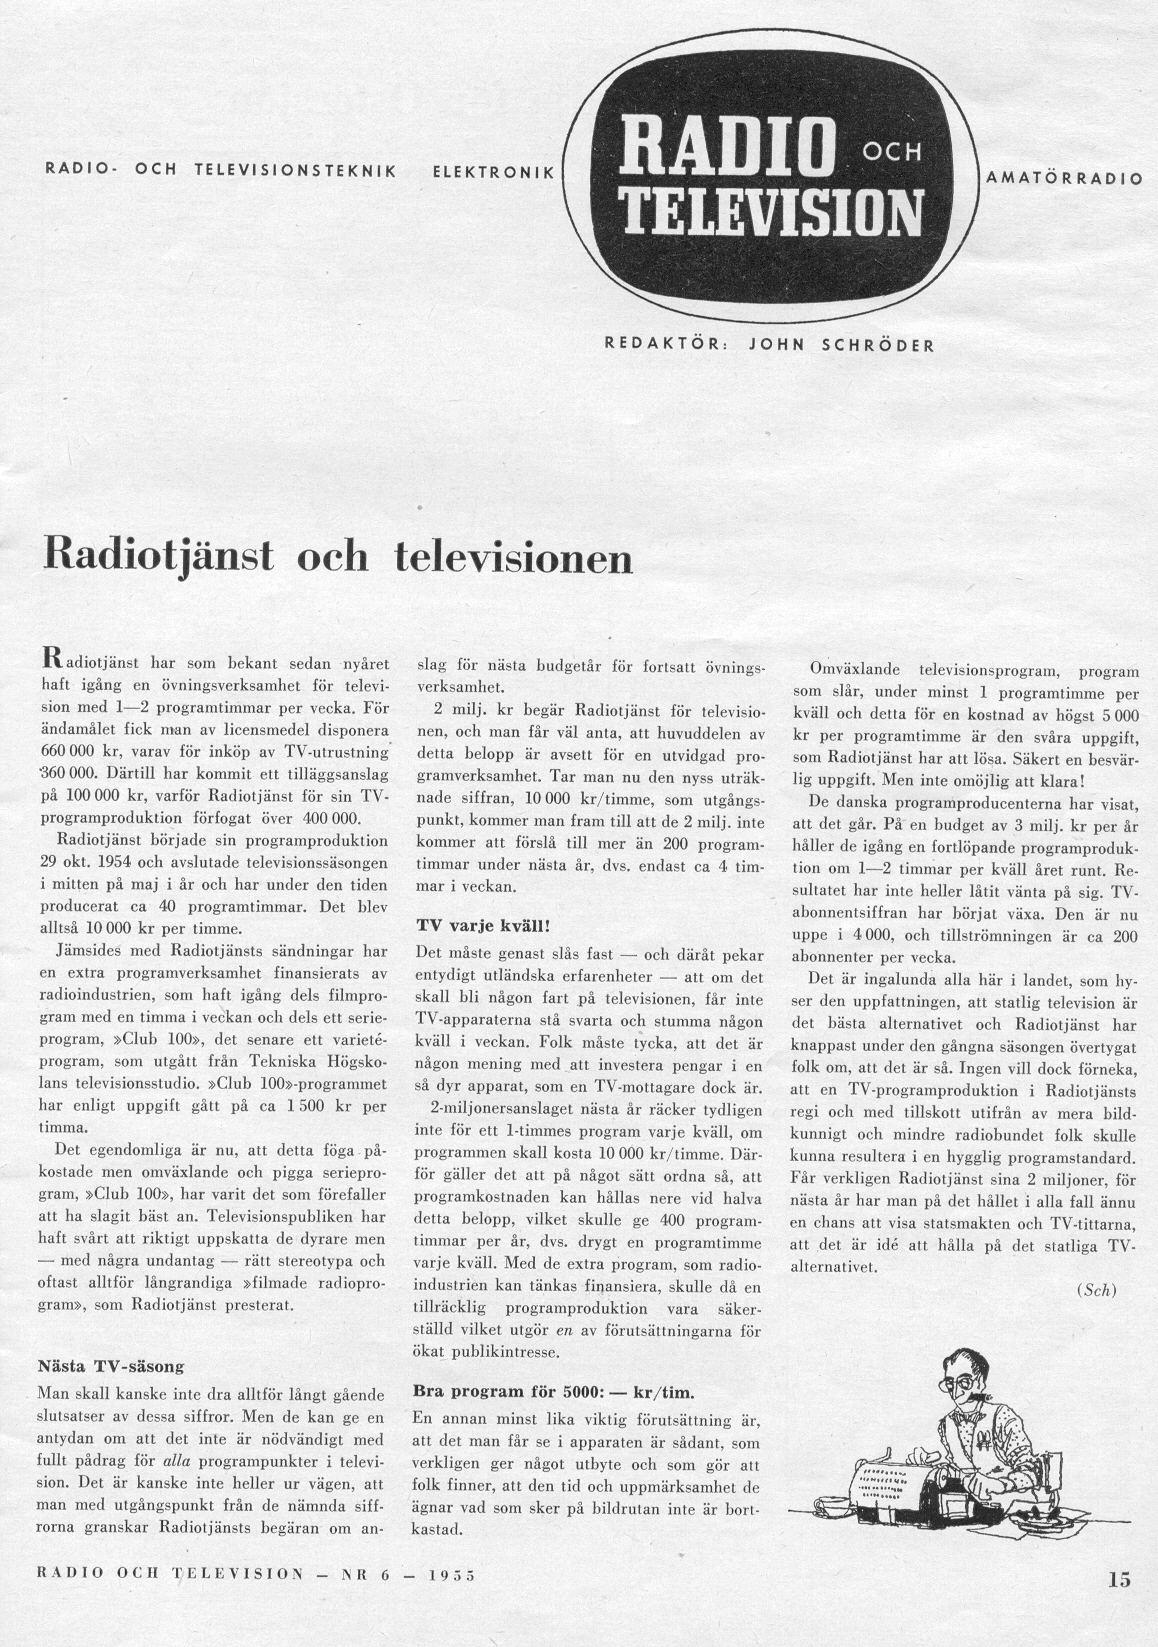 televisionens utveckling